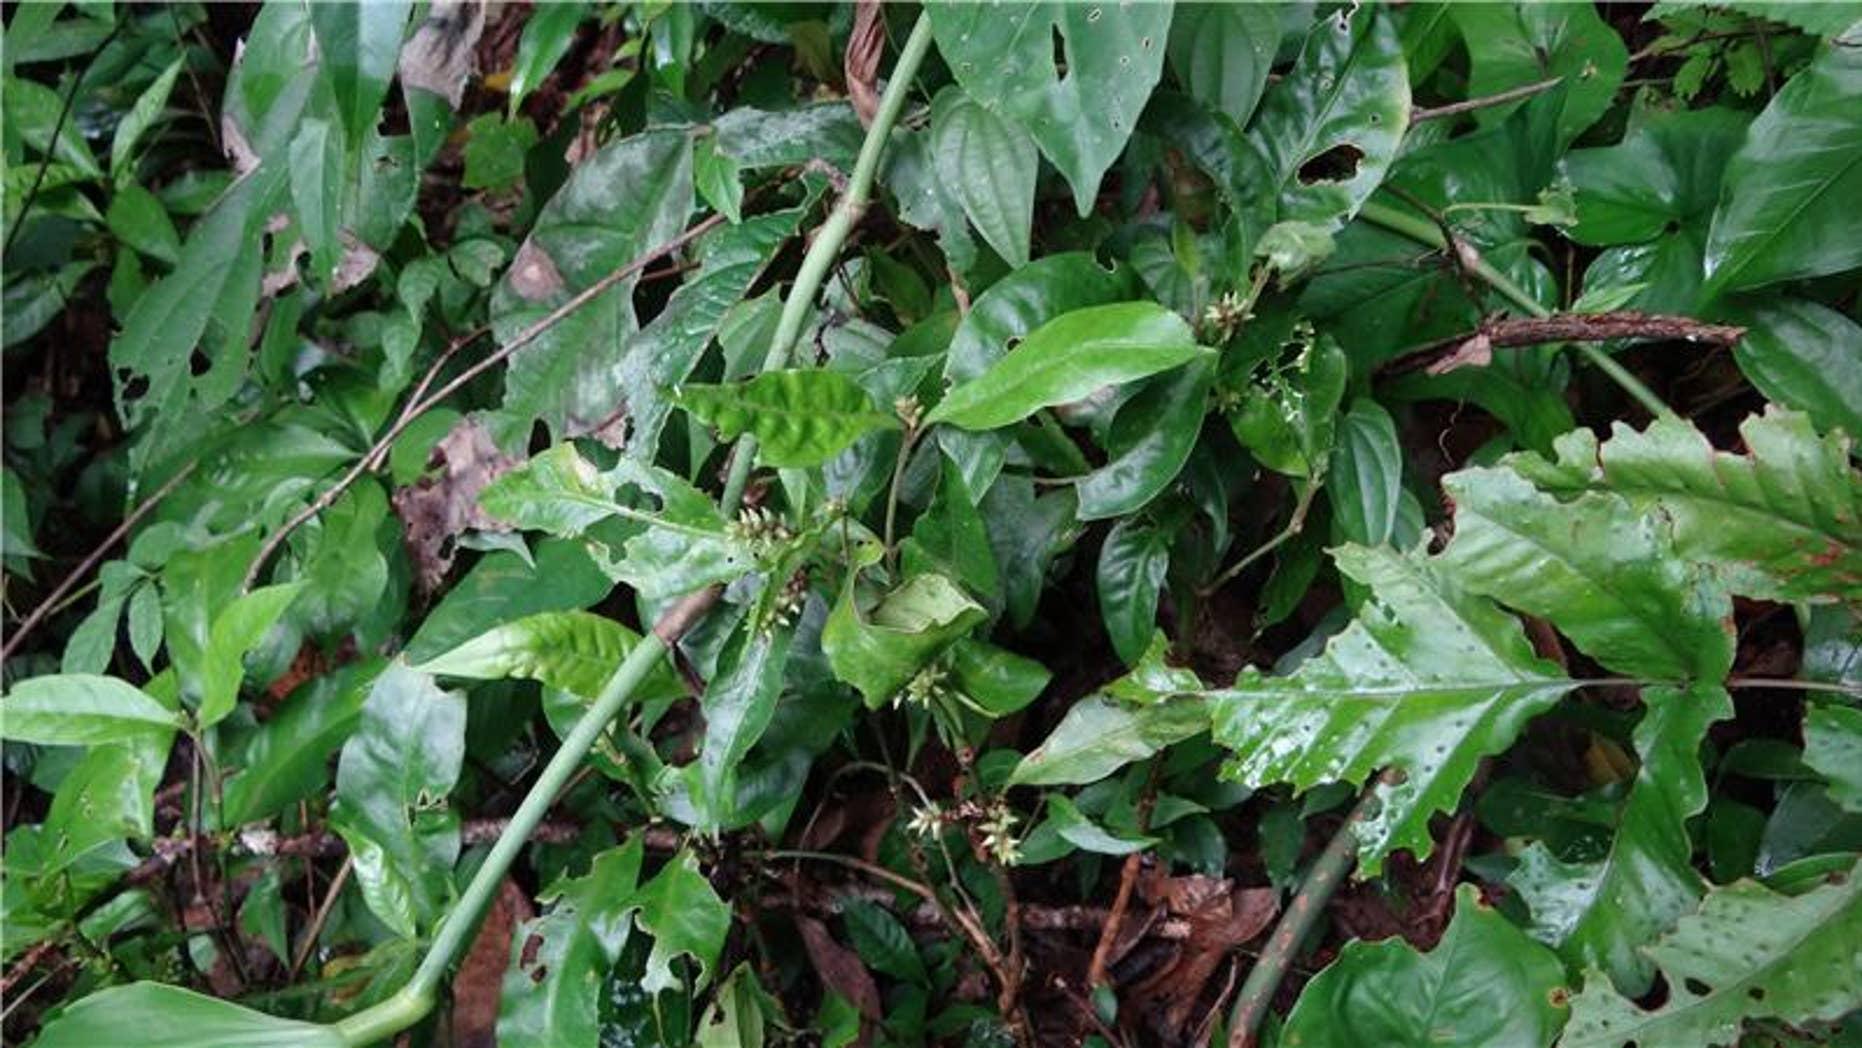 A Jamesbondia plant. (Taylor & Francis)